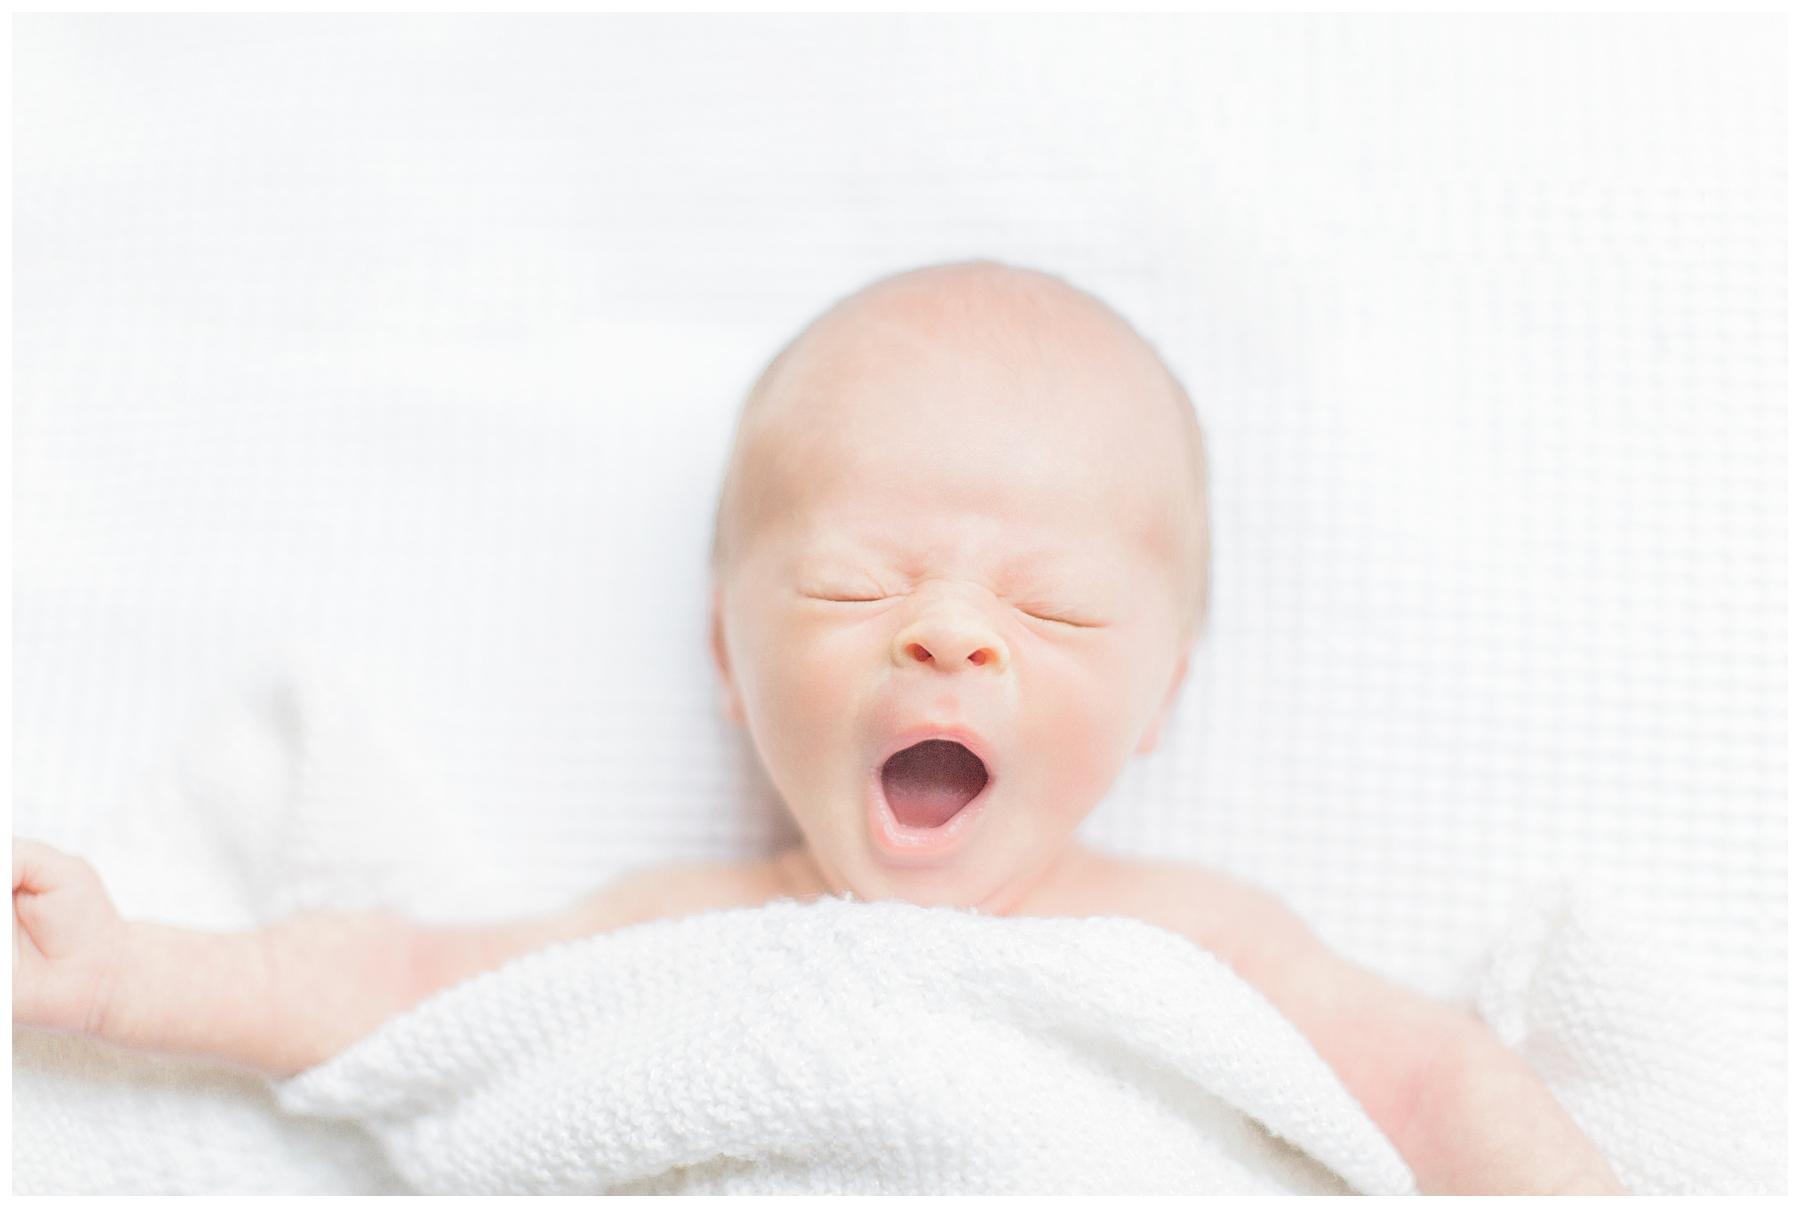 Marie-Alice G-Photographe valognes cherbourg manche normandie - photographe nouveau ne bebe famille_0035